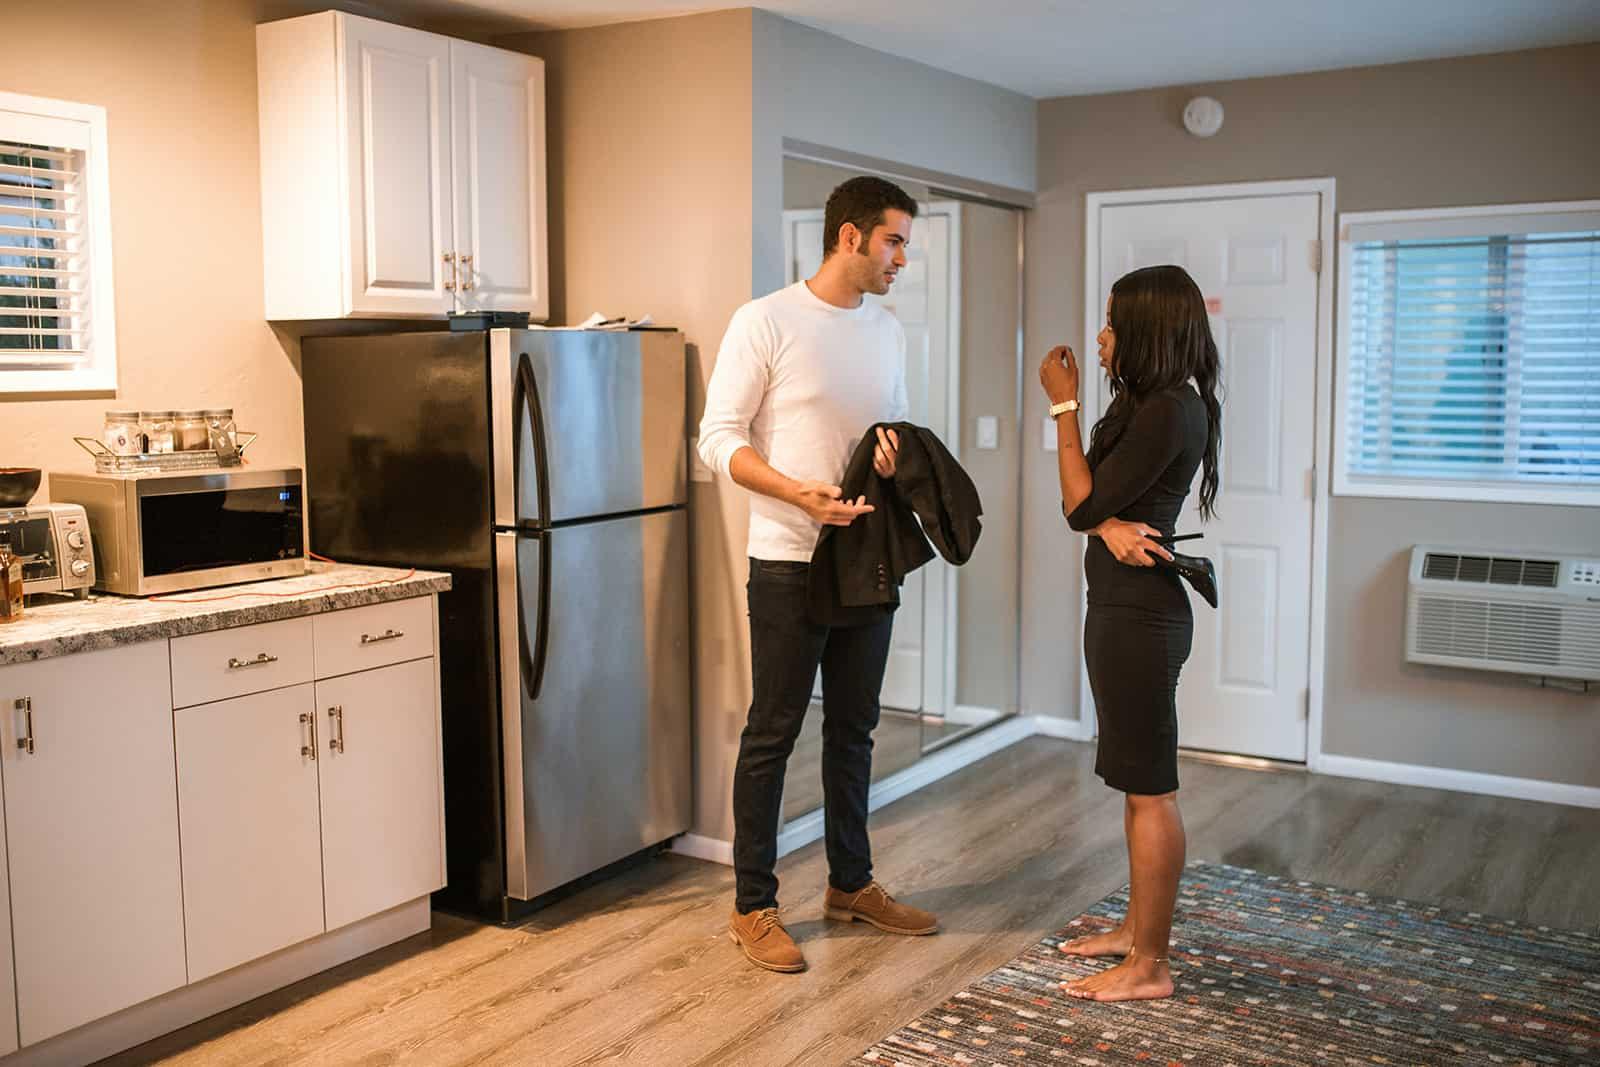 Ein Mann und eine Frau unterhalten sich zu Hause in der Küche